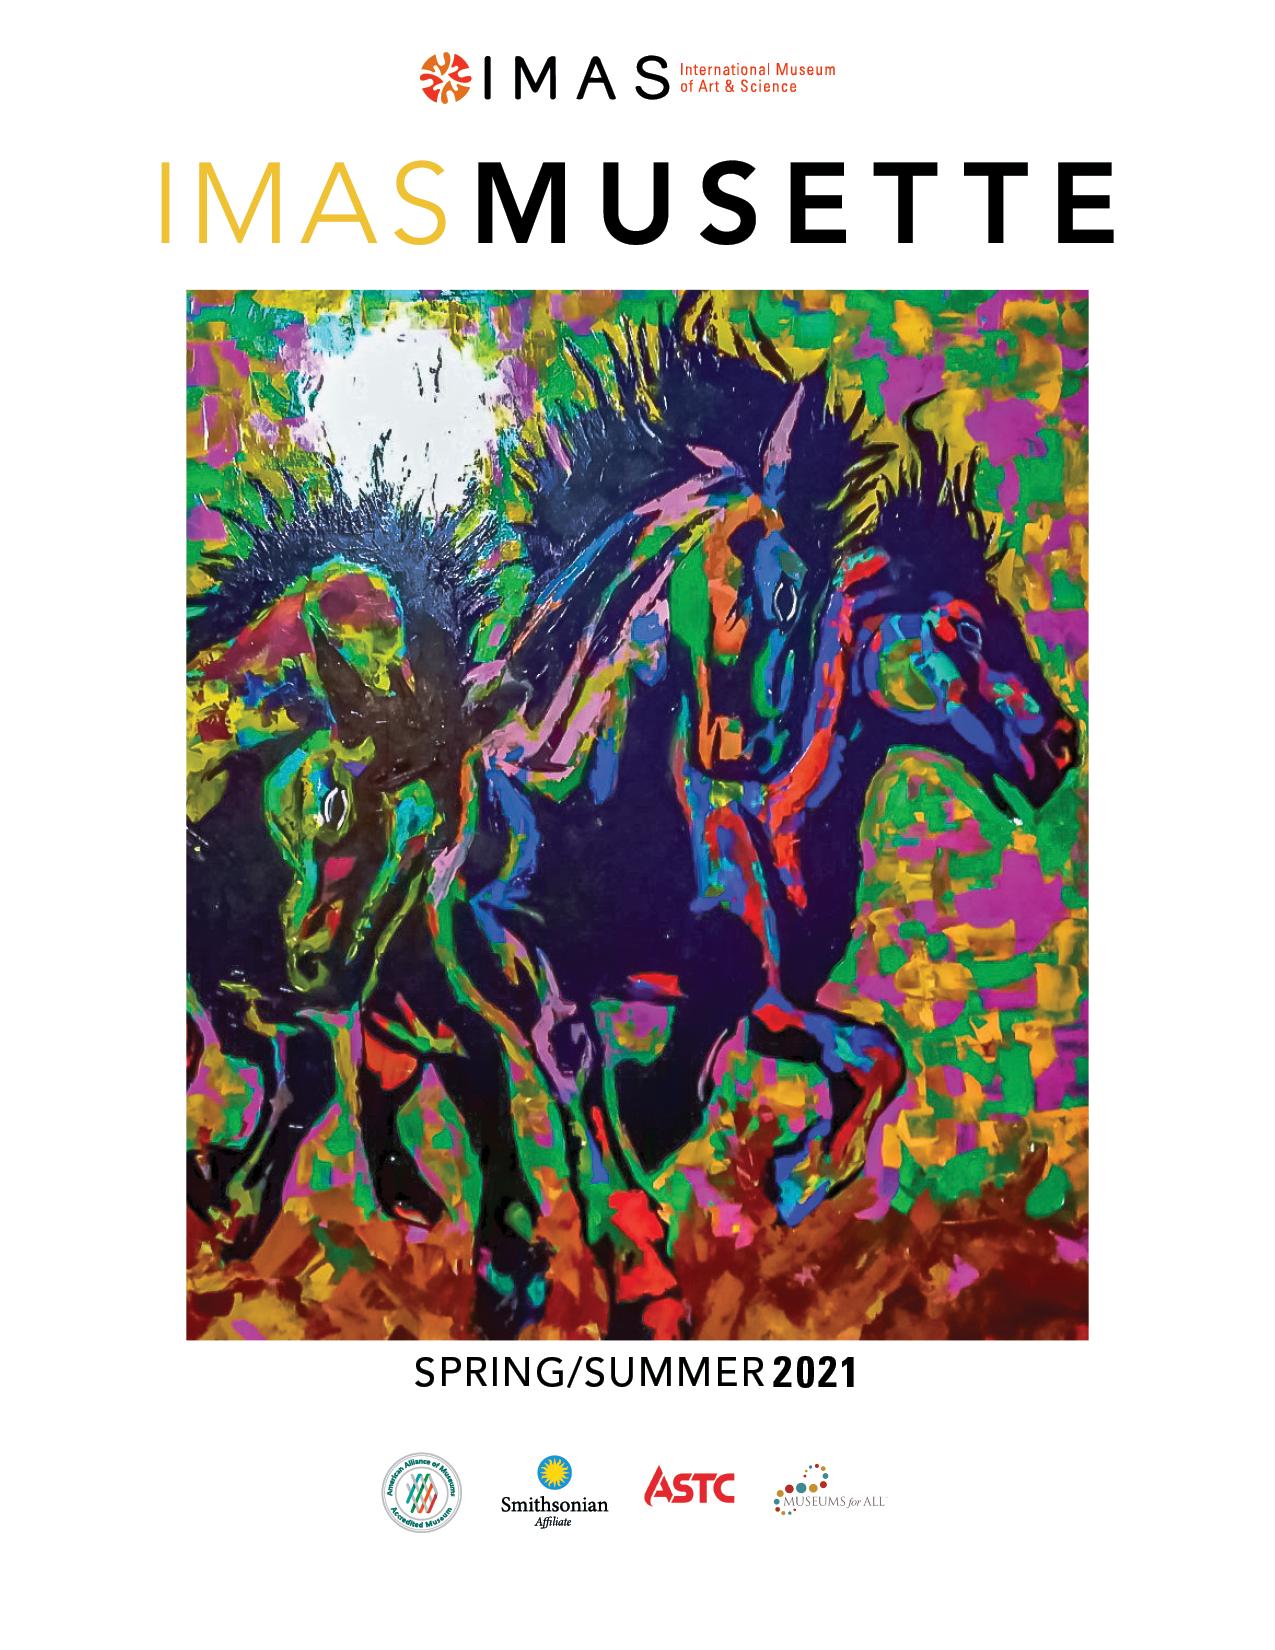 IMAS Musette Newsletter Spring Summer 2021